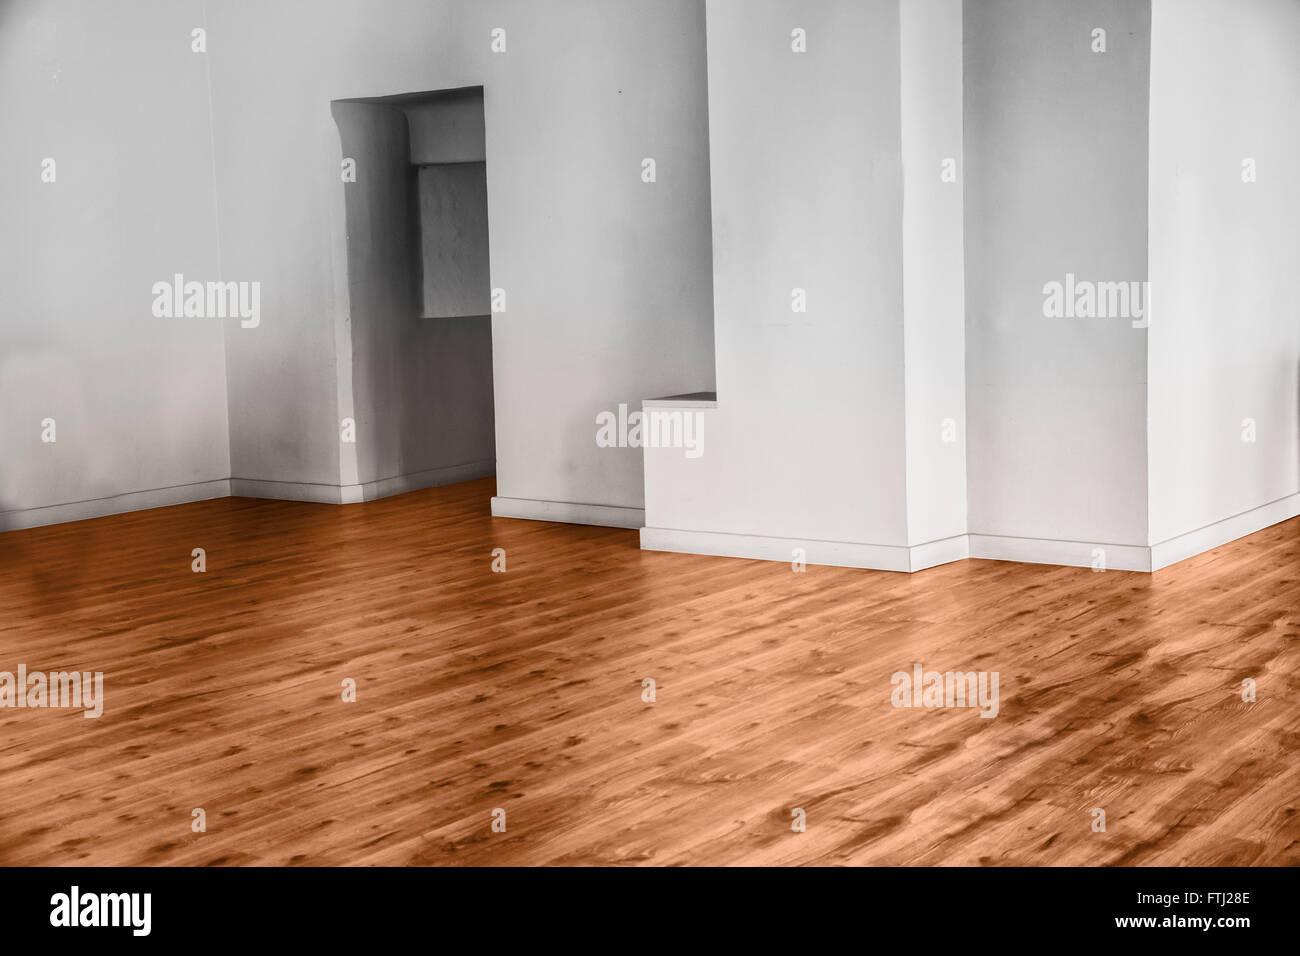 Blick auf leere unmöblierte Zimmer mit Parkett und weißen Wänden Stockbild